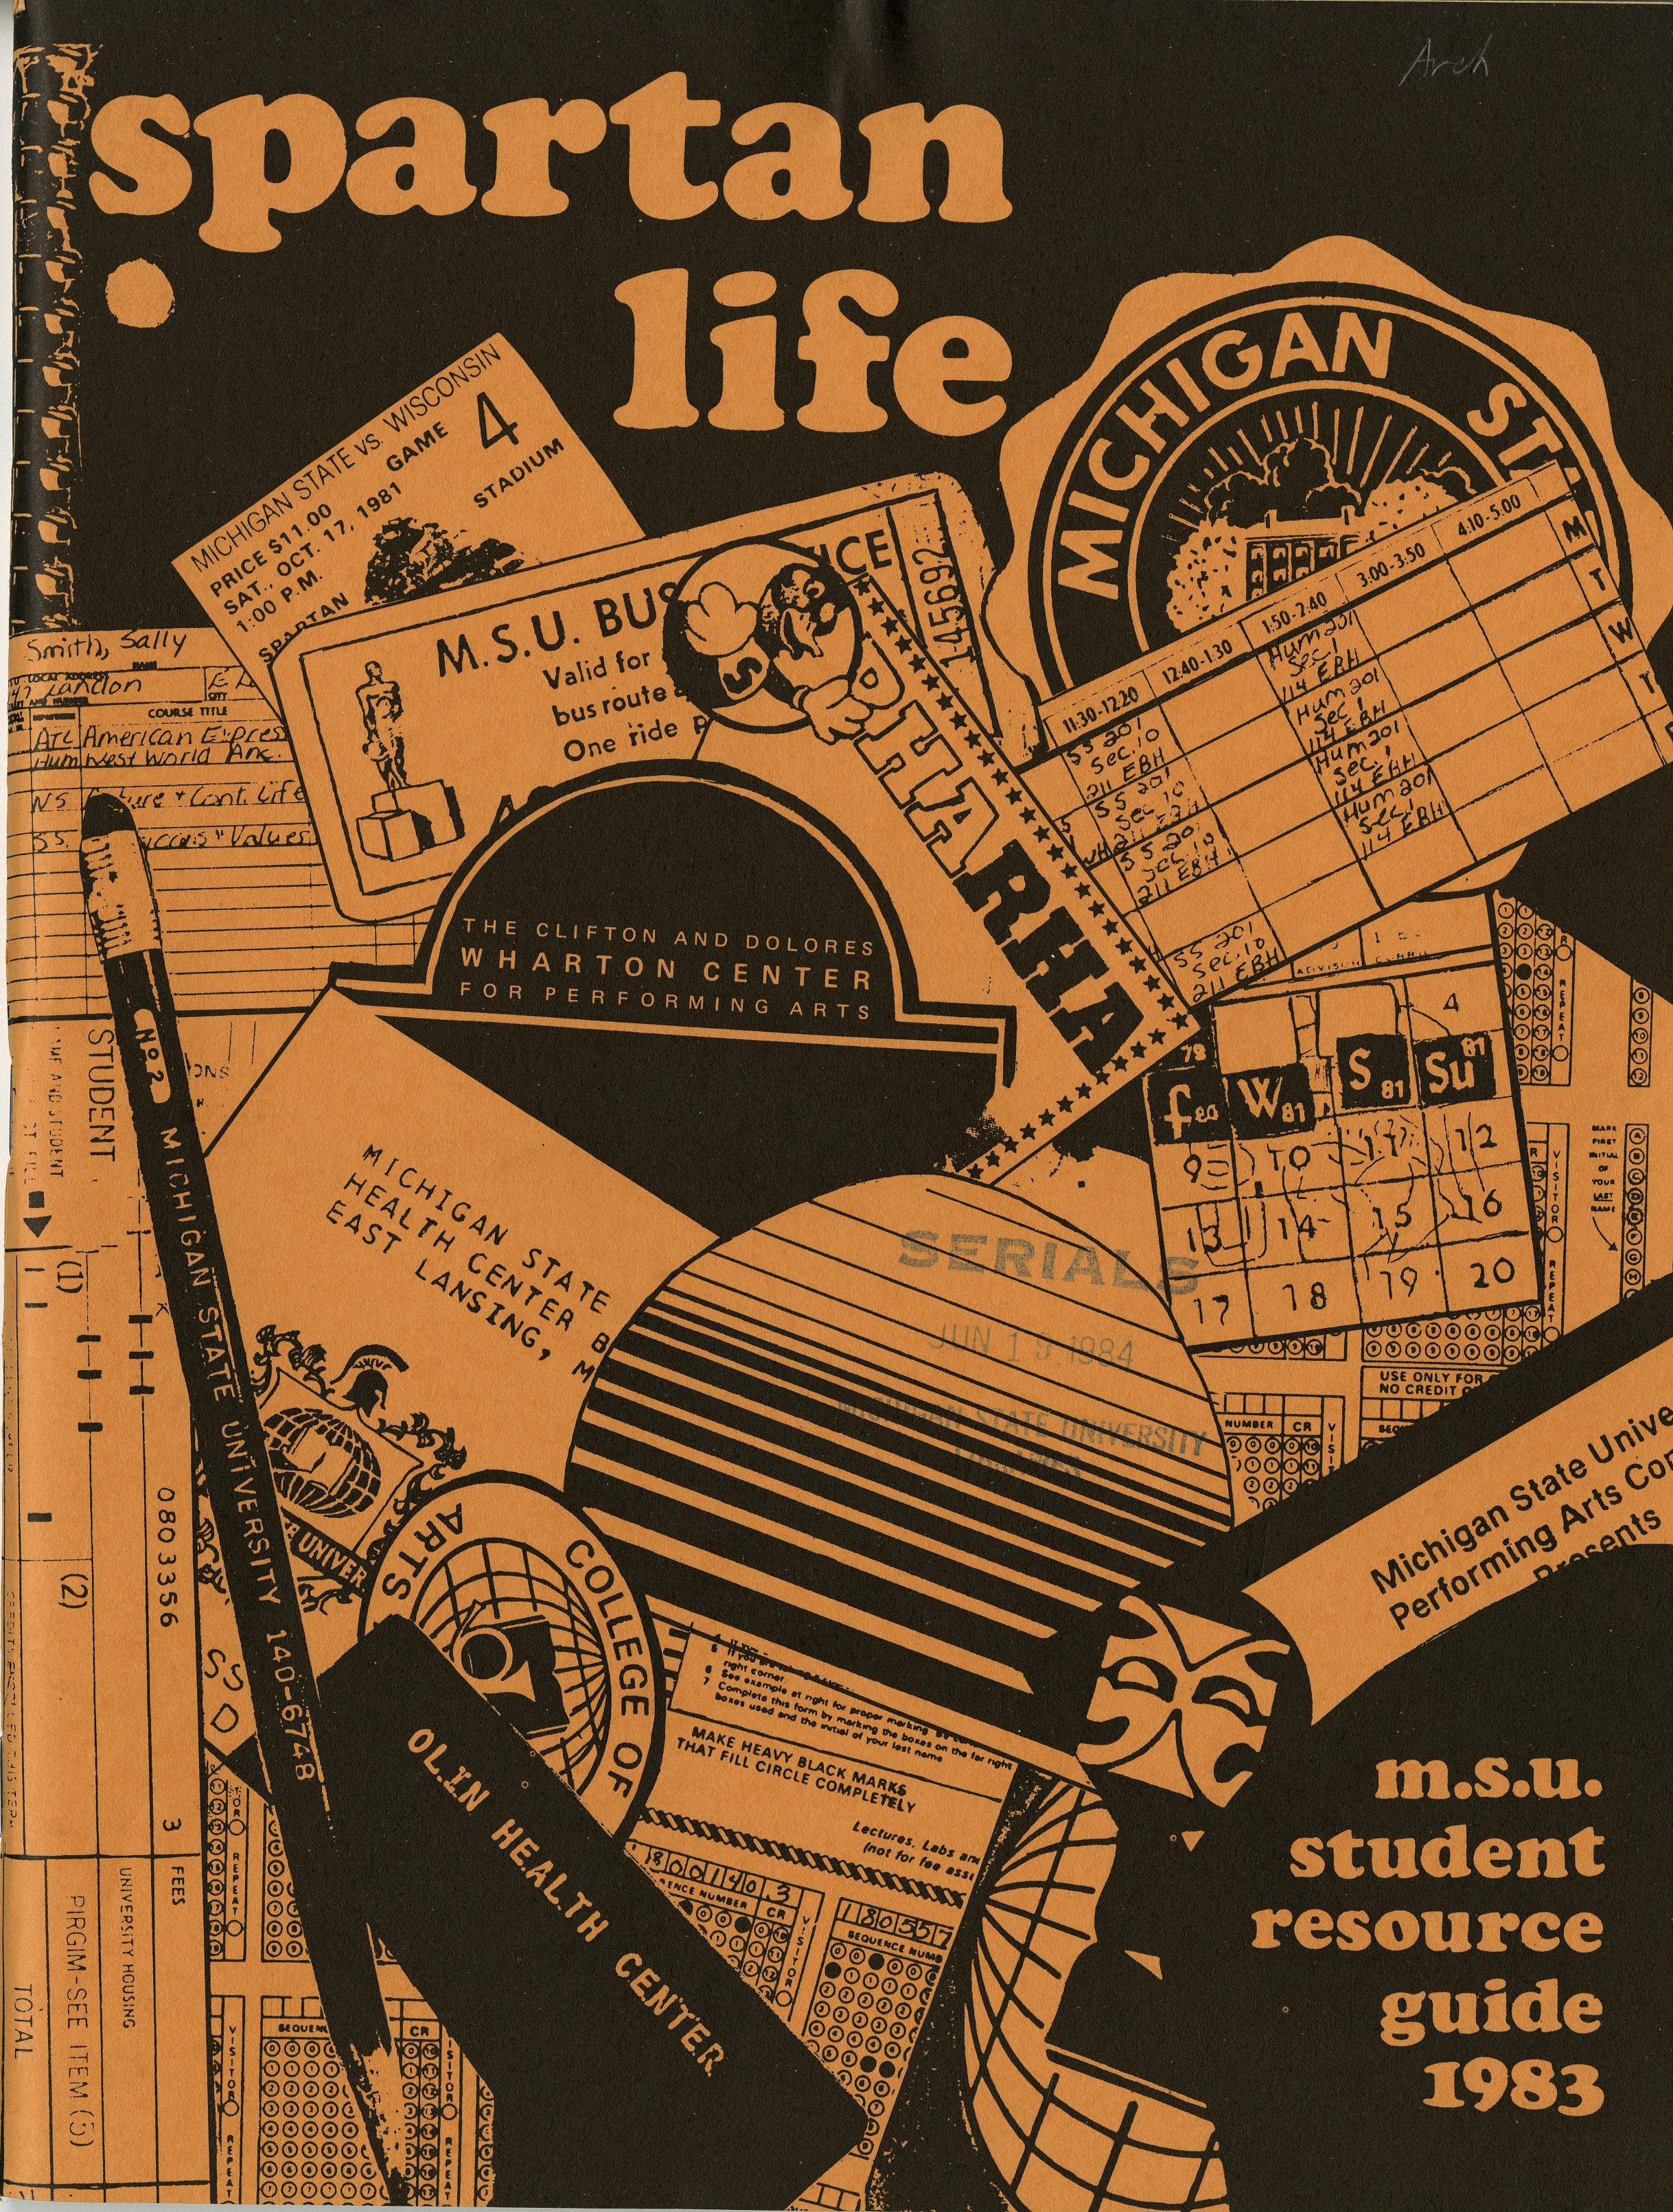 Student Handbook, 1983